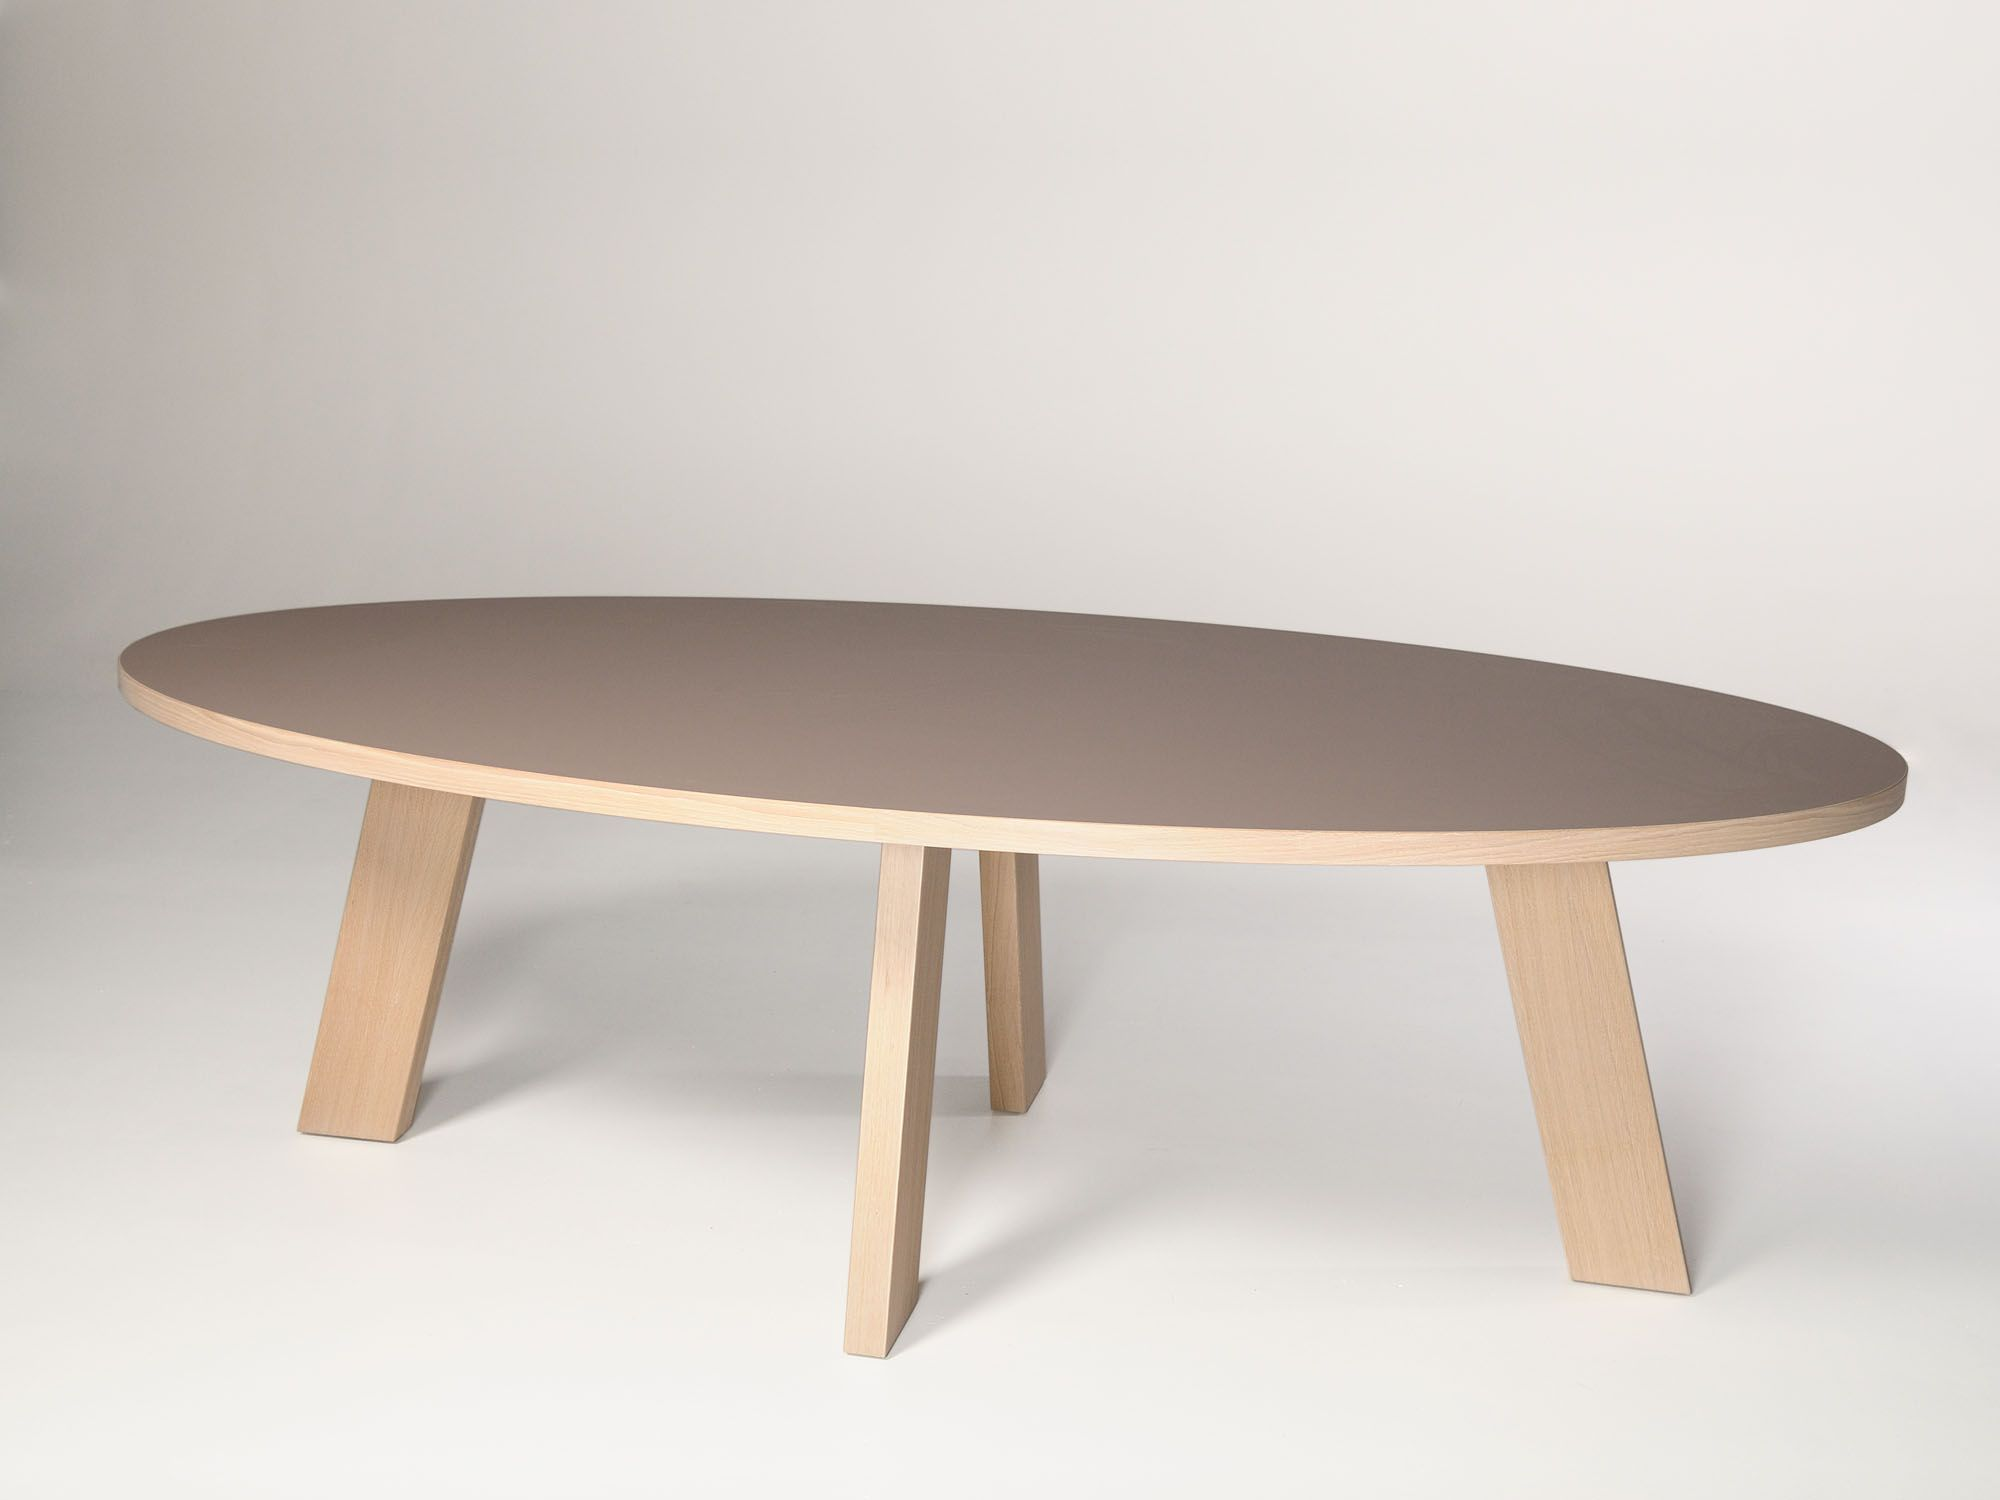 Tavolo Fenix ~ Tafel met fenix ntm ovaal blad. door: castelijn meubelindustrie